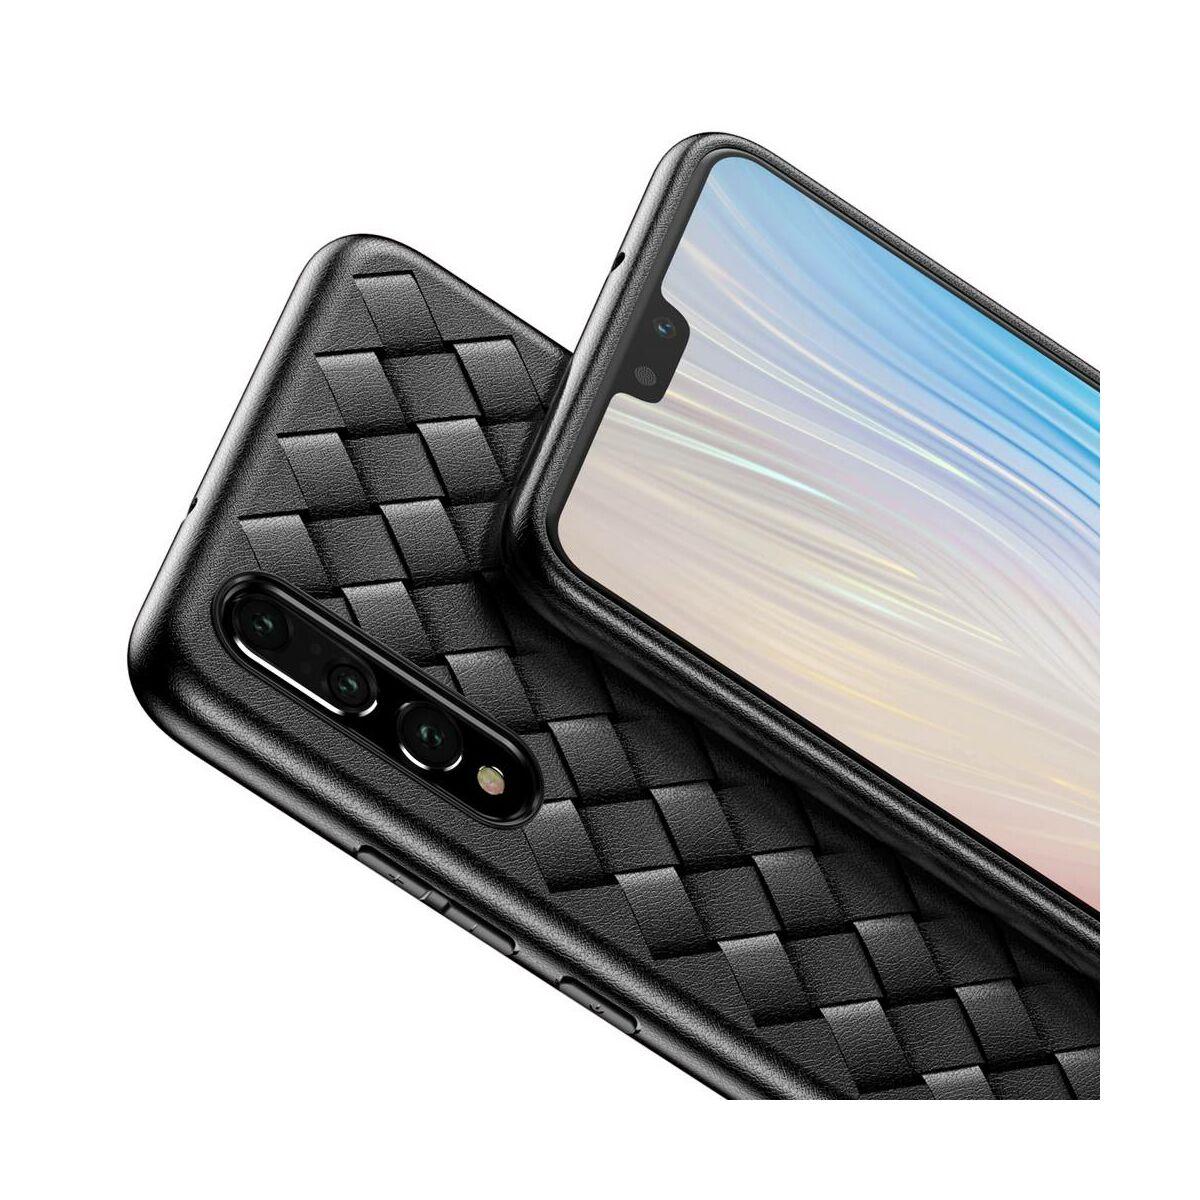 Baseus Huawei P20 Pro tok, BV Weaving, fekete (WIHWP20P-BV01)